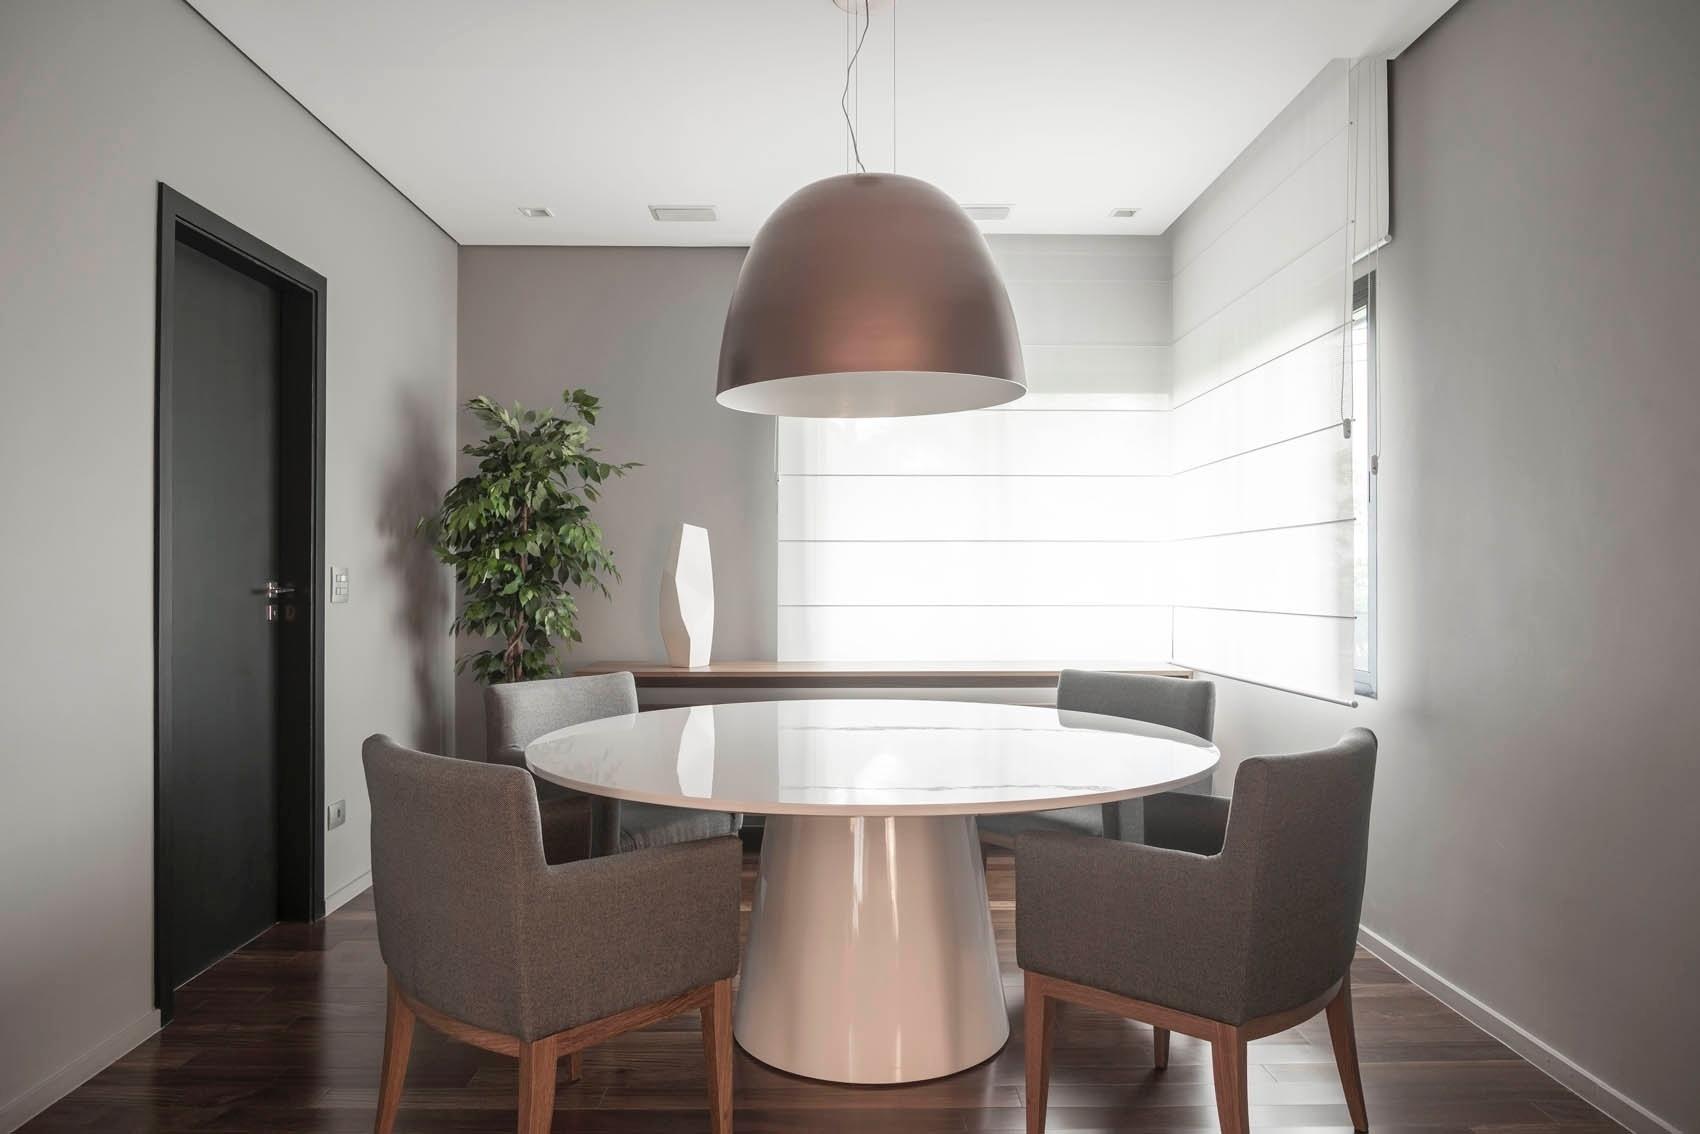 Salas de jantar: ideias para decorar o ambiente BOL Fotos BOL  #786153 1700 1134